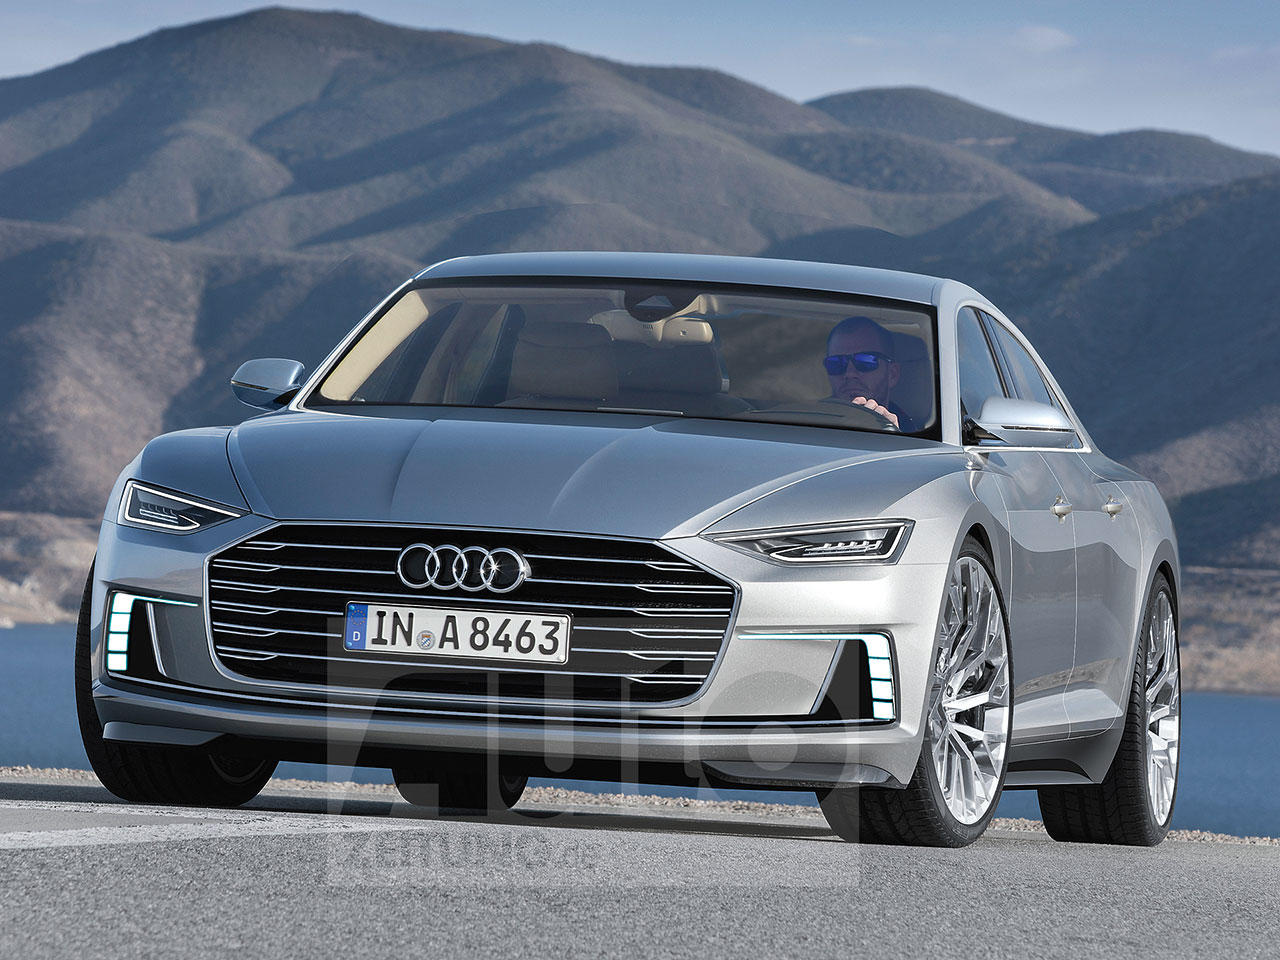 Audi Neuheiten Bis 2020 Q4 Kommt Autozeitung De